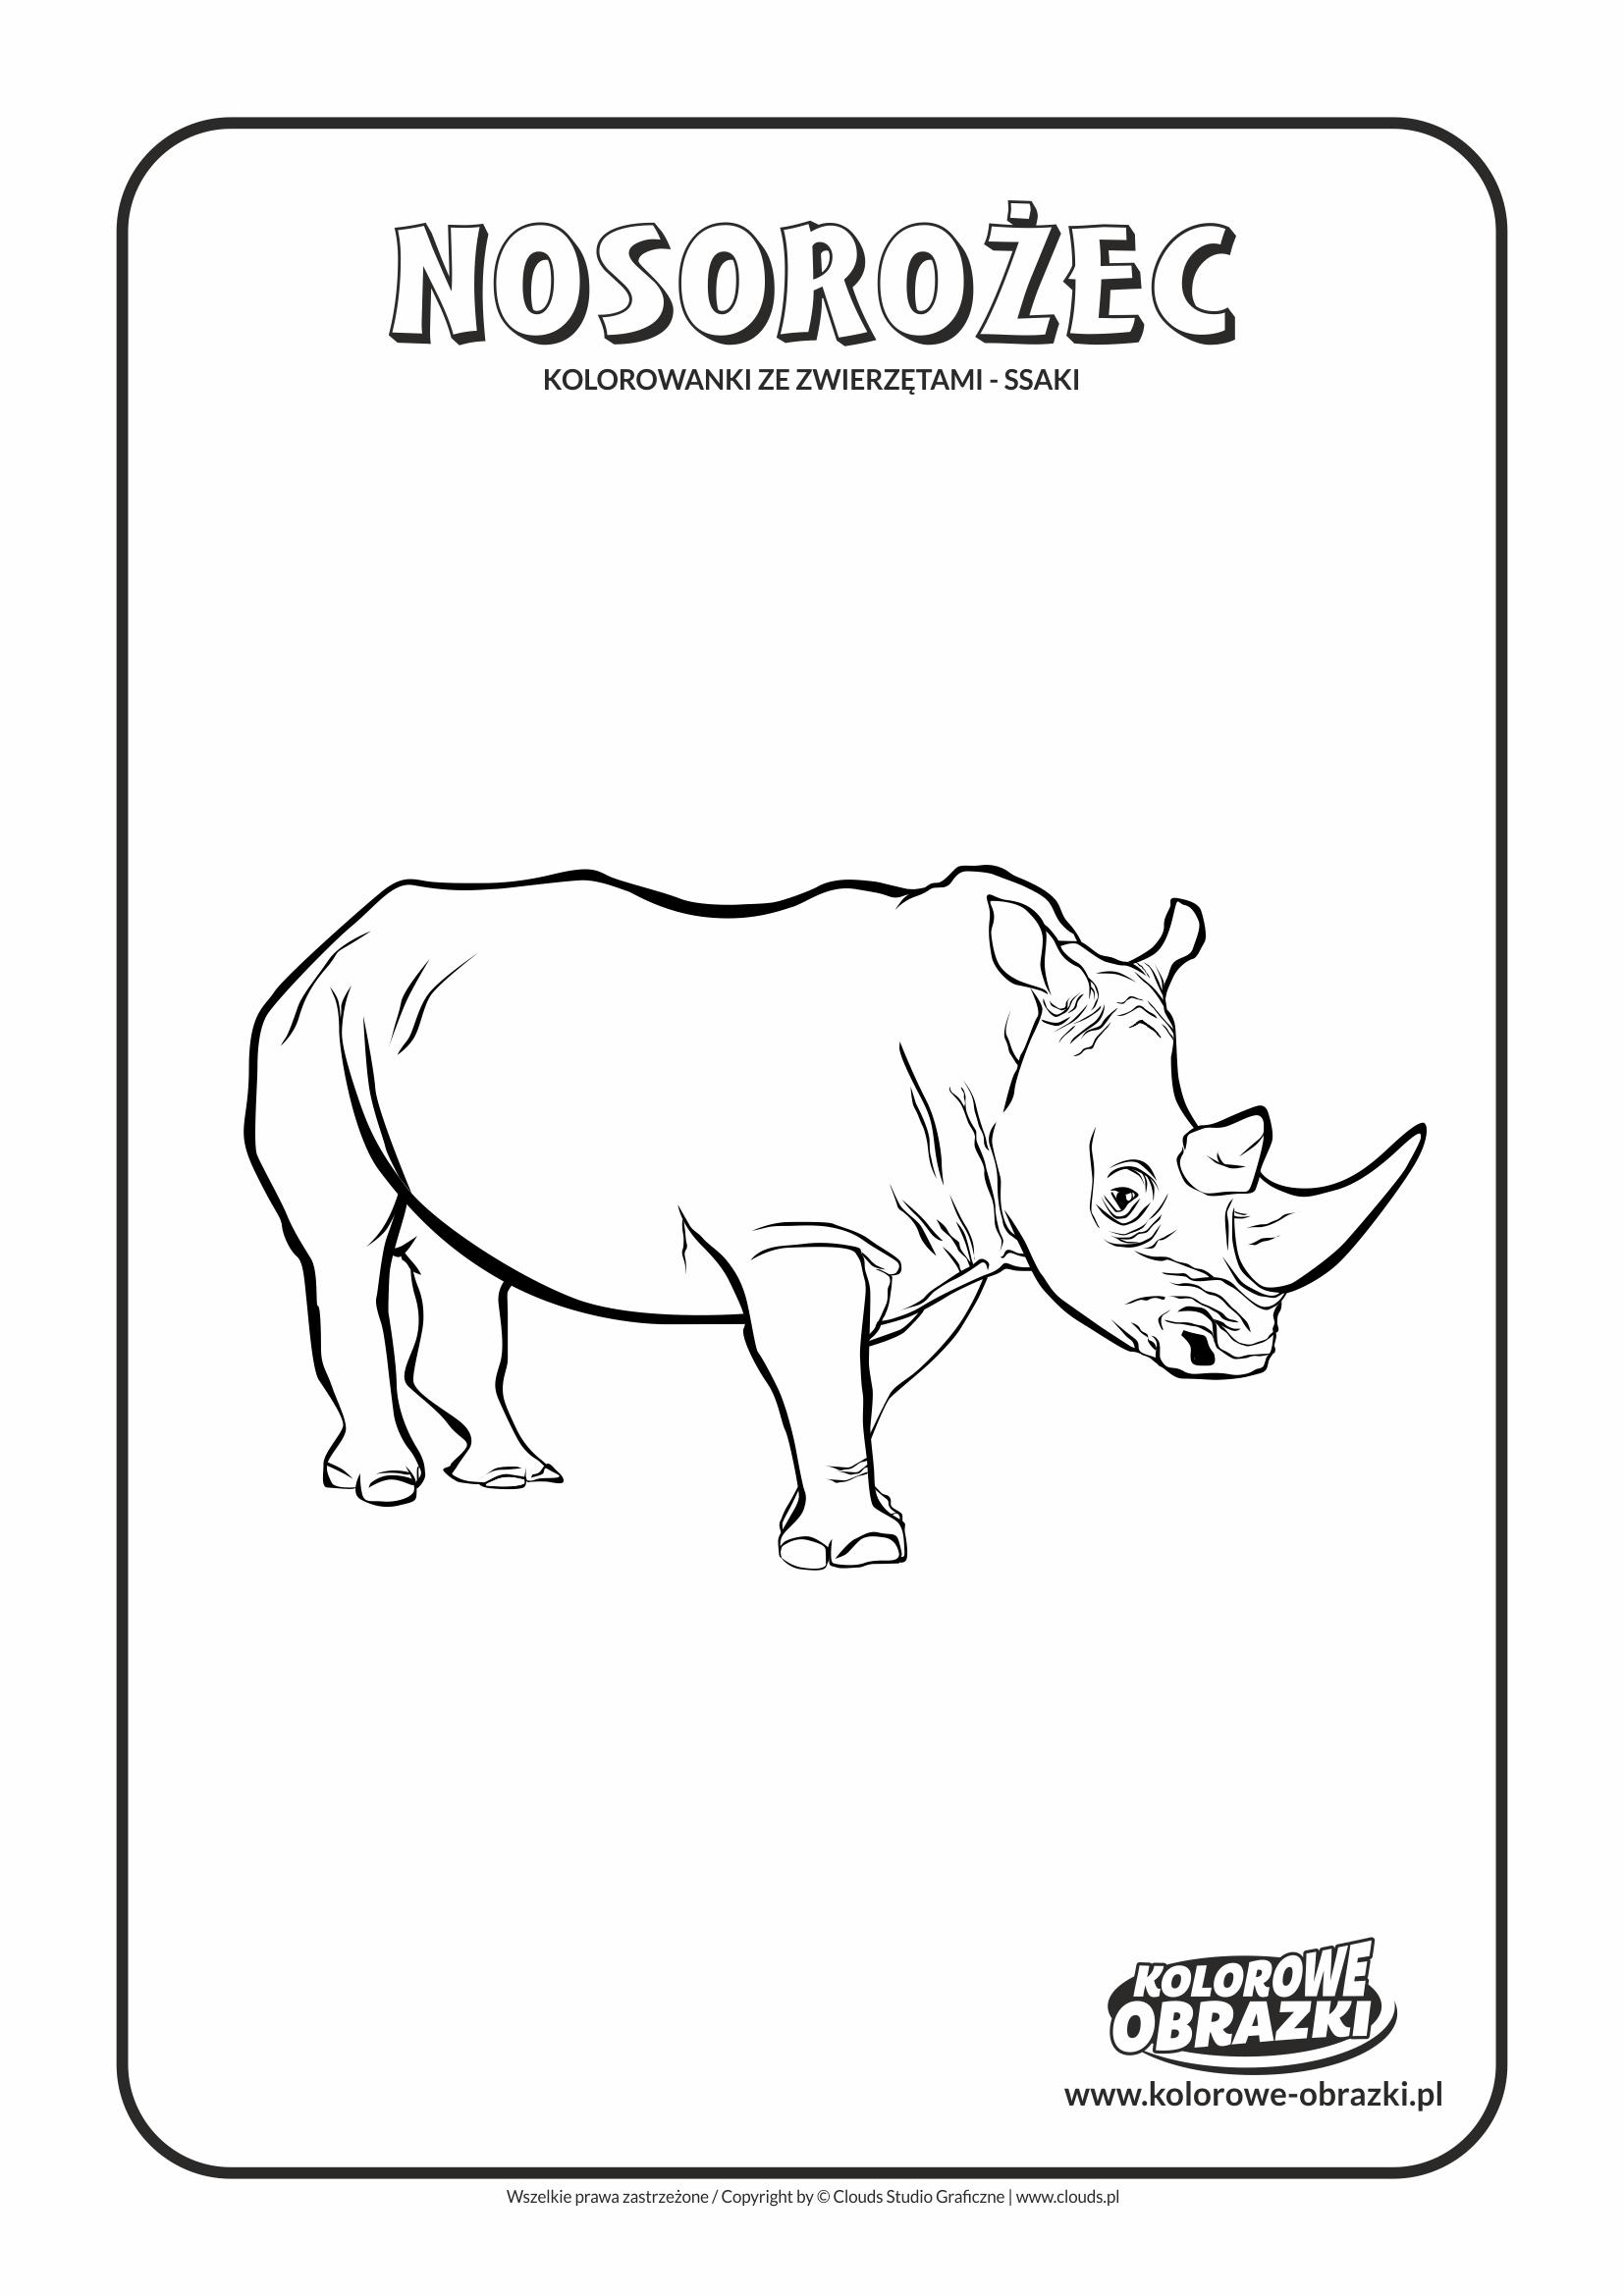 Kolorowanki dla dzieci - Zwierzęta / Nosorożec, Kolorowanka z nosorożcem